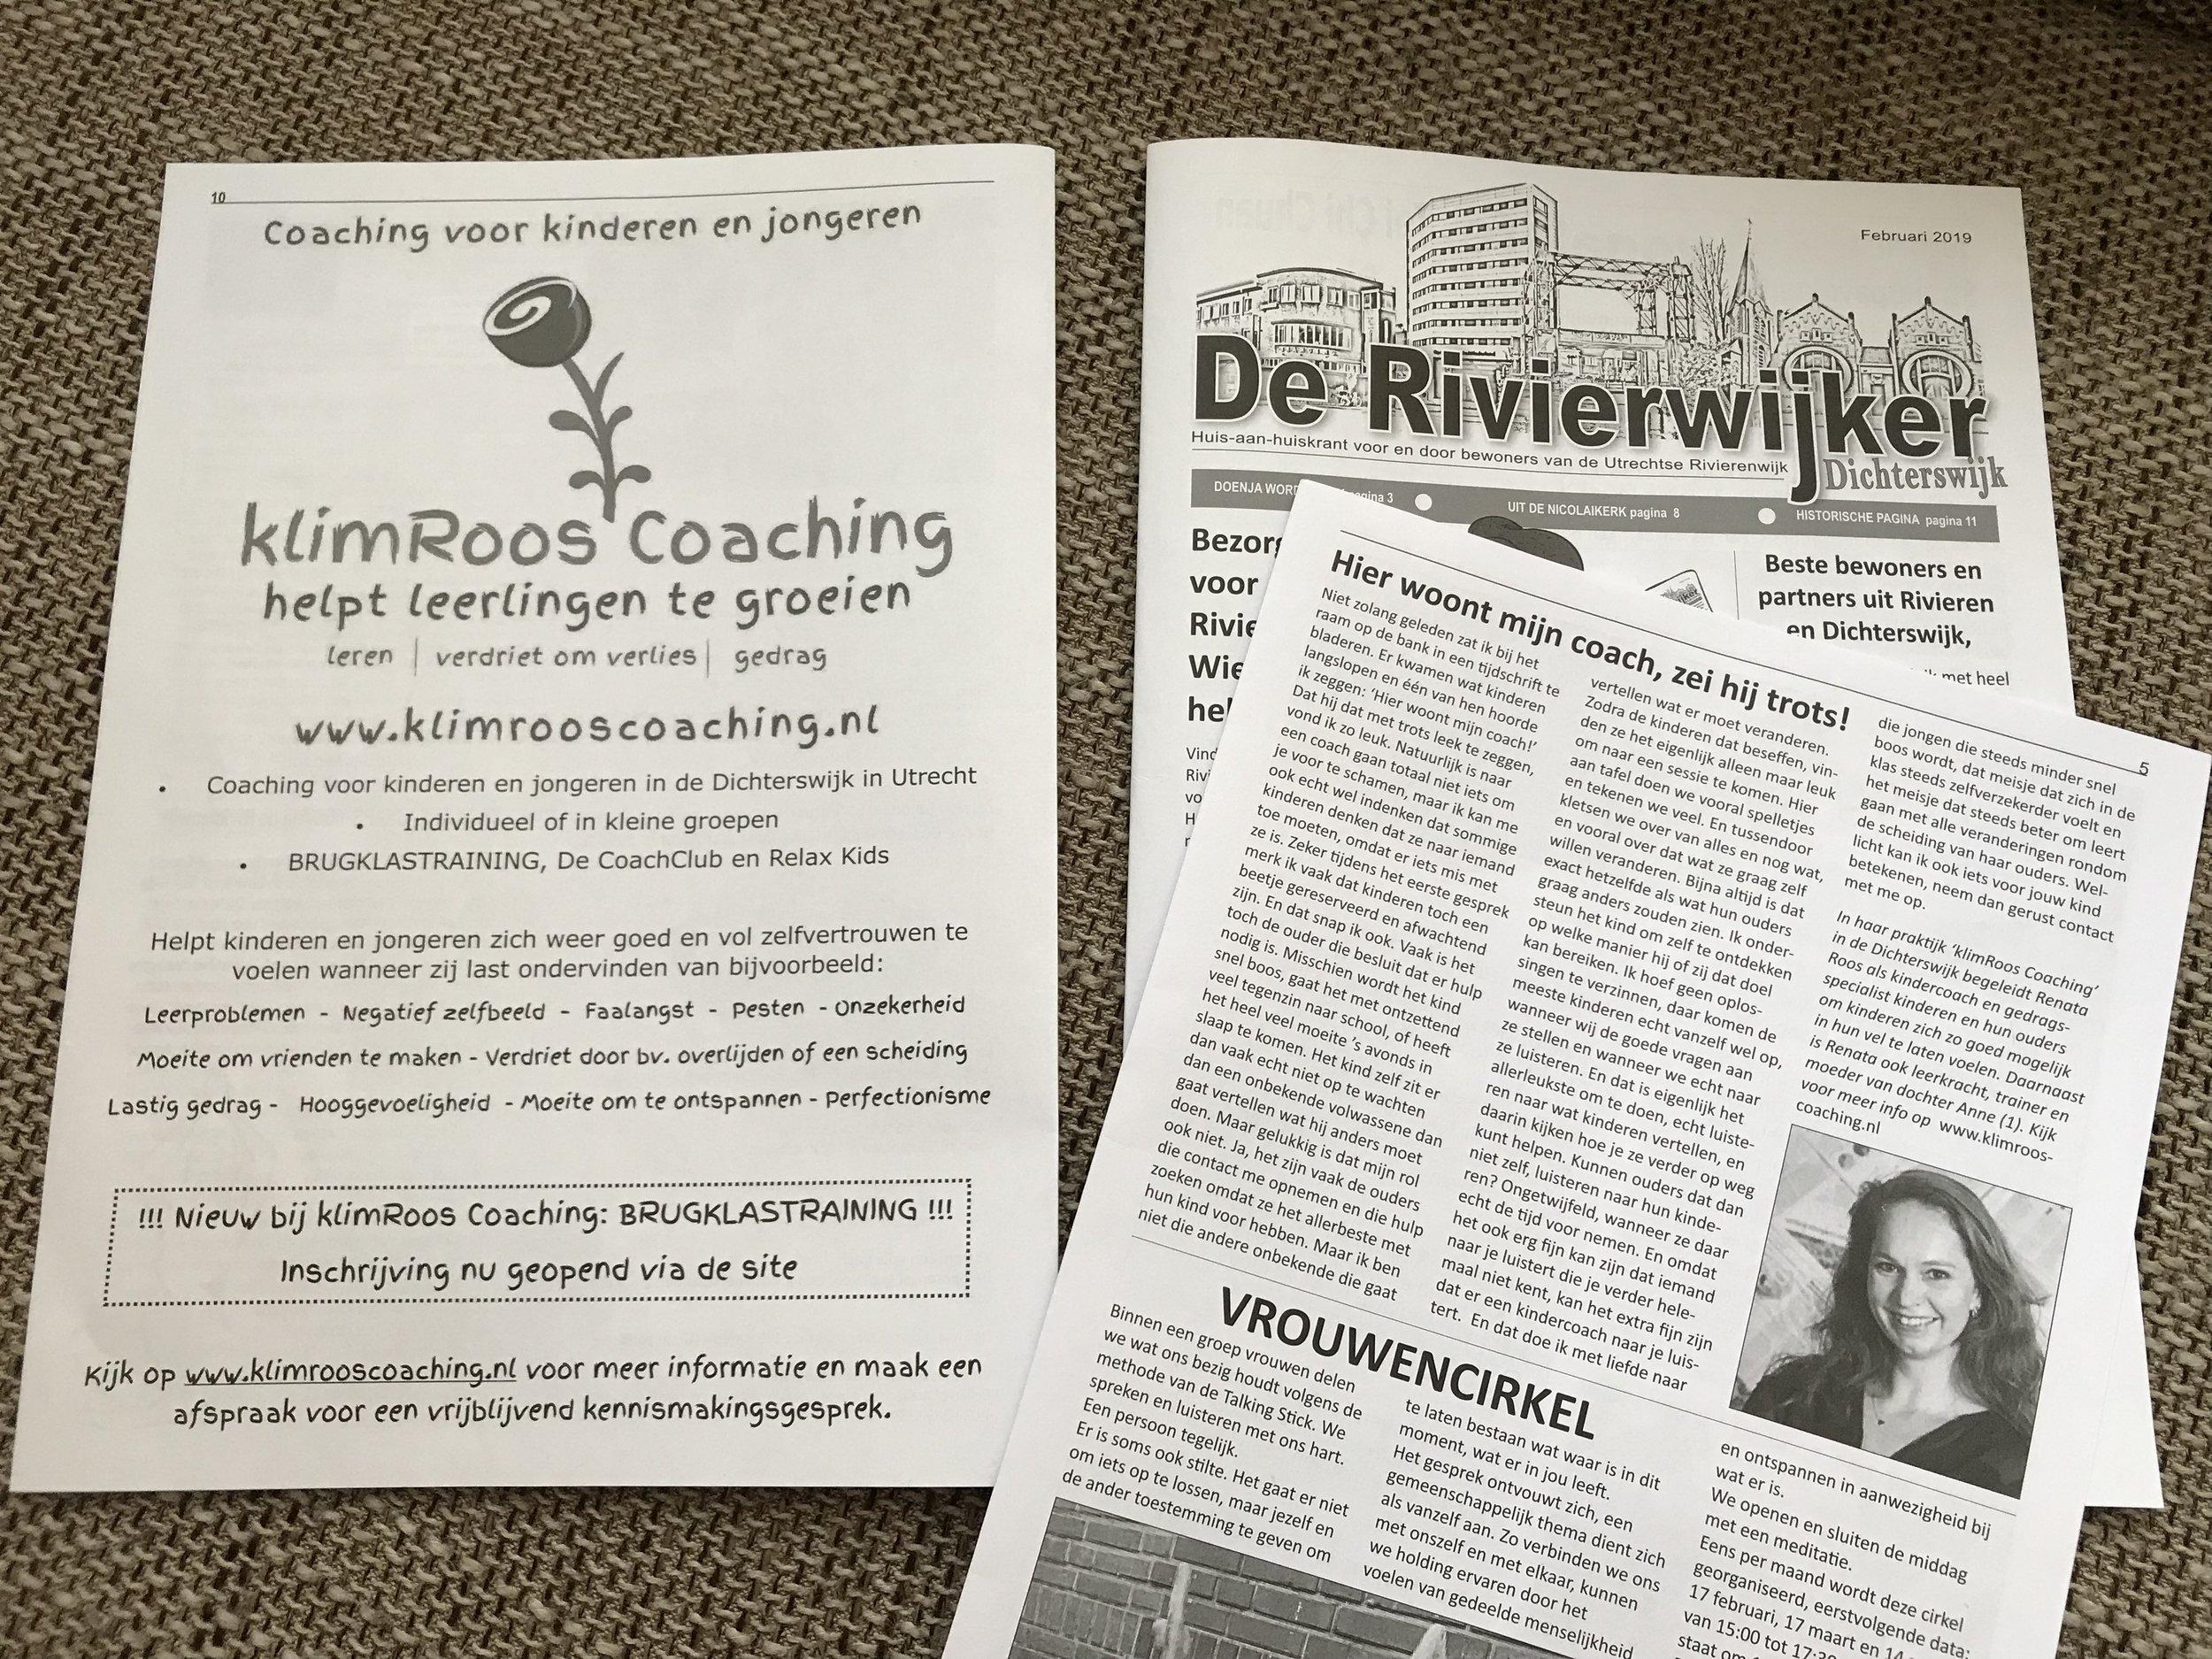 Onderstaande column is in februari 2019 verschenen in De Rivierwijker, de wijkkrant voor de Rivierenbuurt en de Dichterswijk.